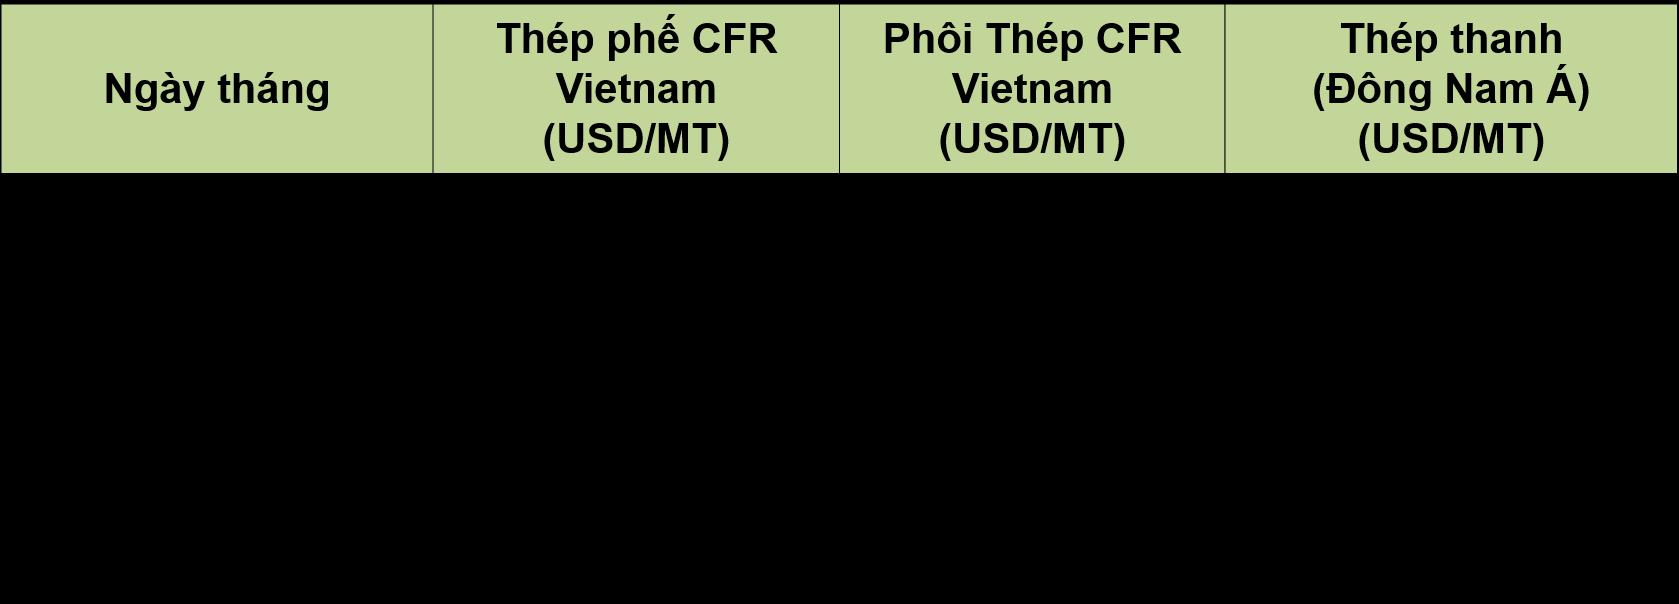 Tình hình sản xuất và bán hàng các sản phẩm thép trong nước Quý I/2017: